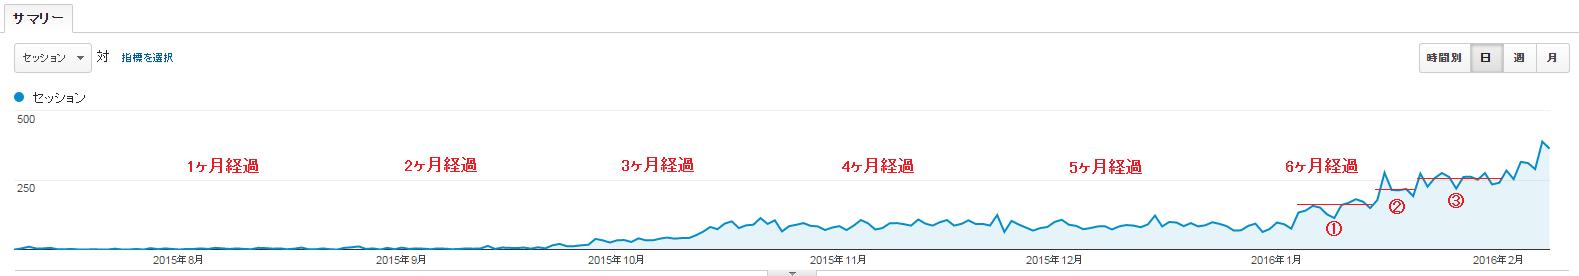 新規ドメイン取得から7ヶ月が経過した当サイトのアクセス数